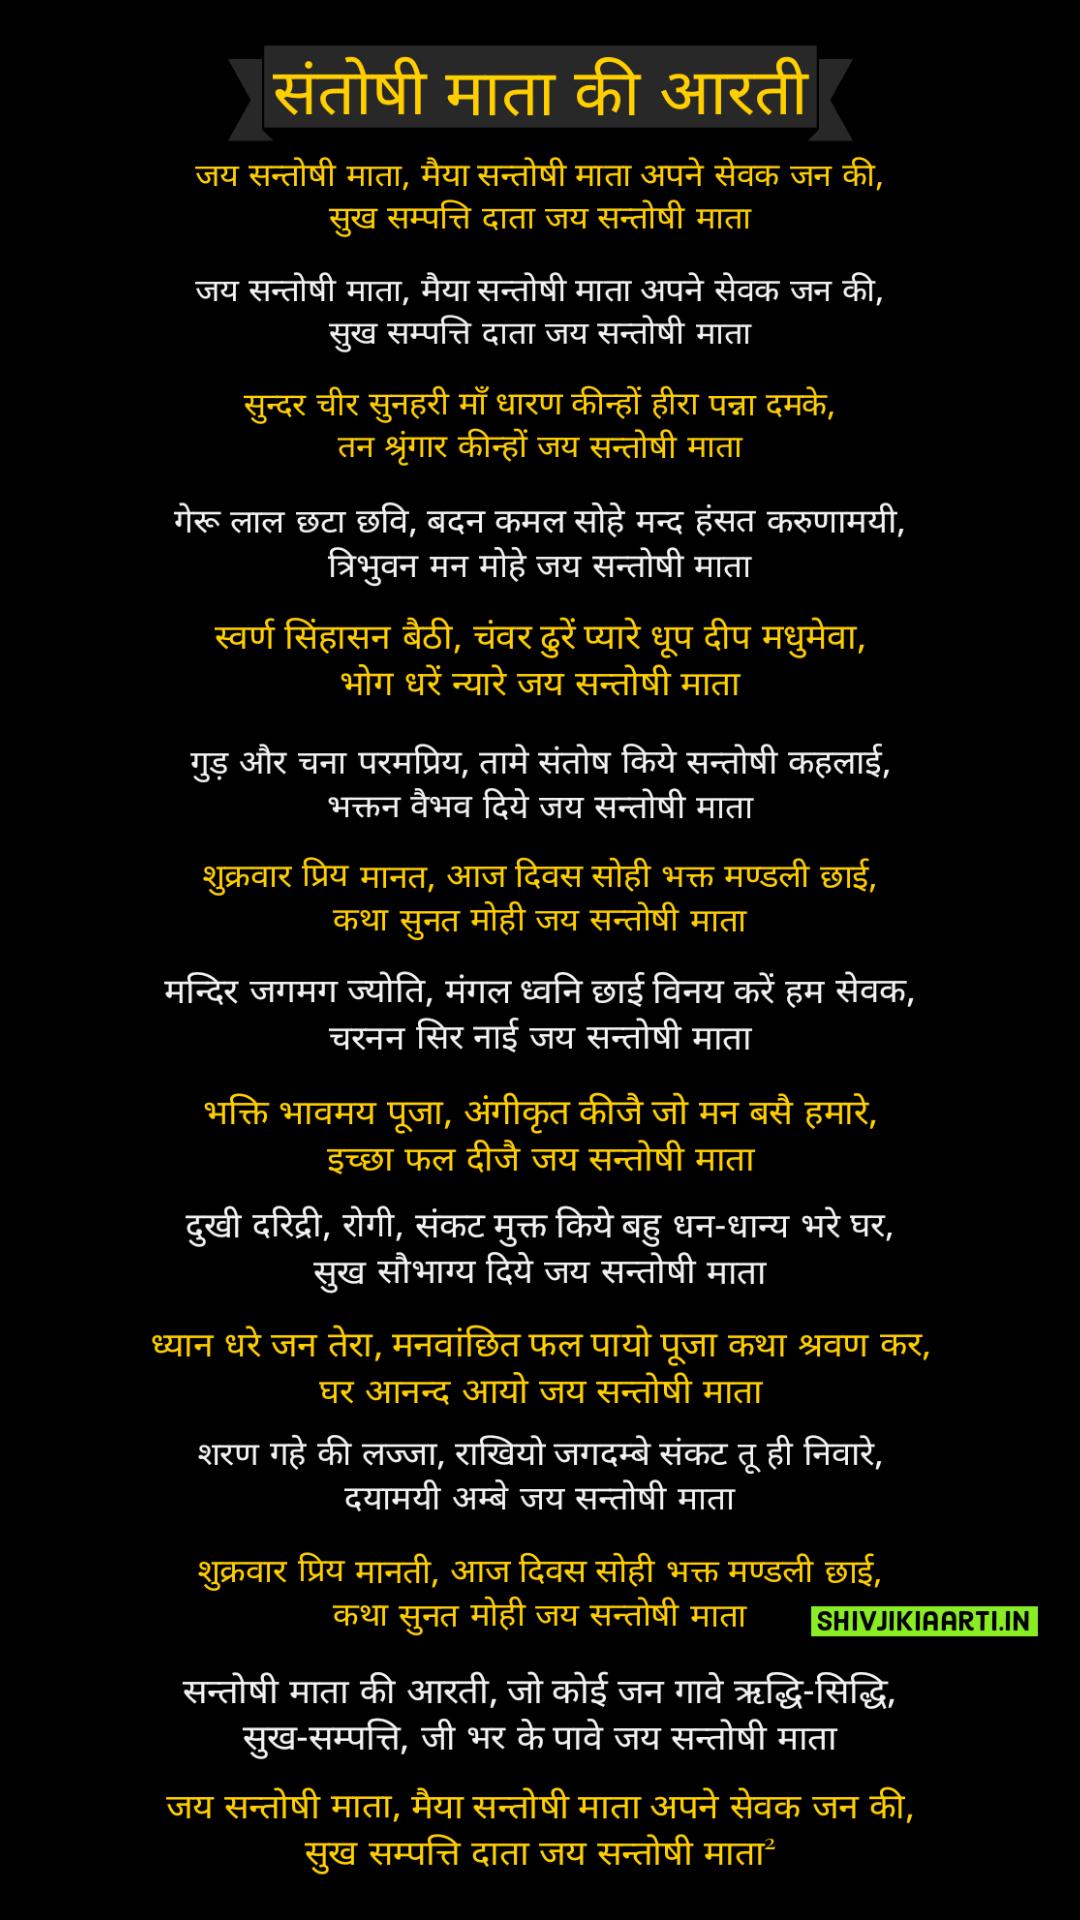 Santoshi Mata aarti lyrics